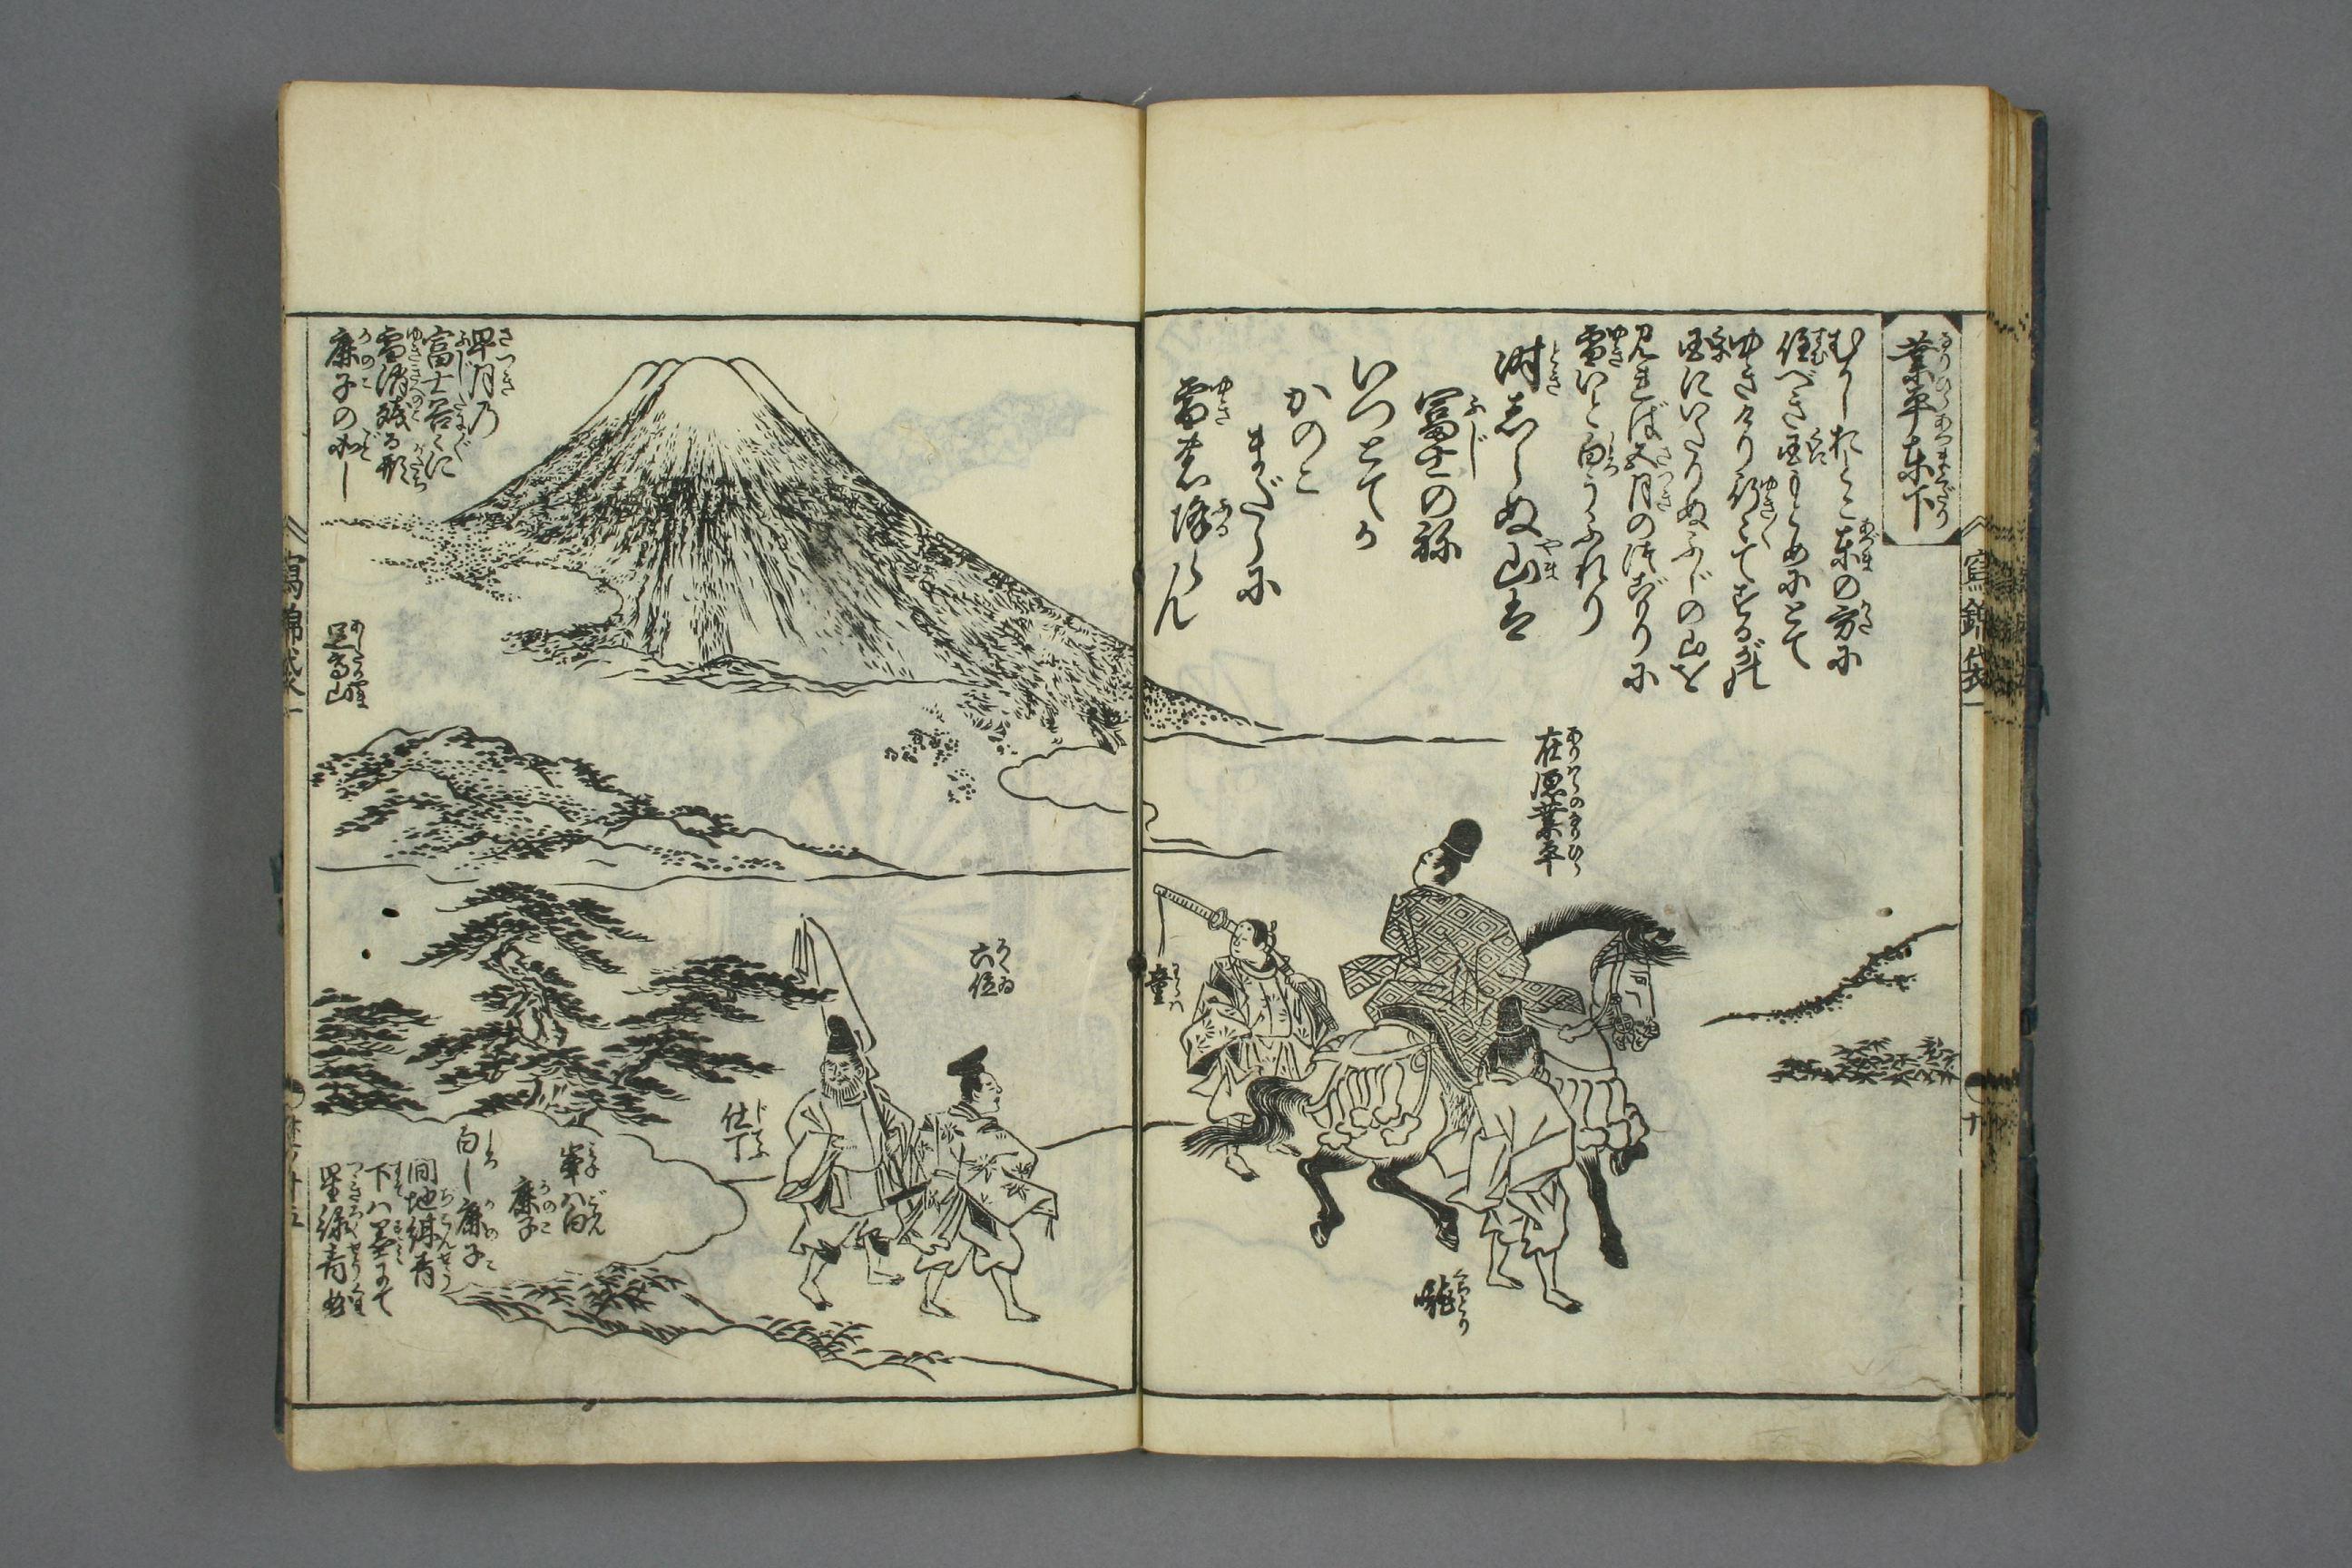 http://archive.wul.waseda.ac.jp/kosho/bunko06/bunko06_01293/bunko06_01293_0001/bunko06_01293_0001_p0025.jpg